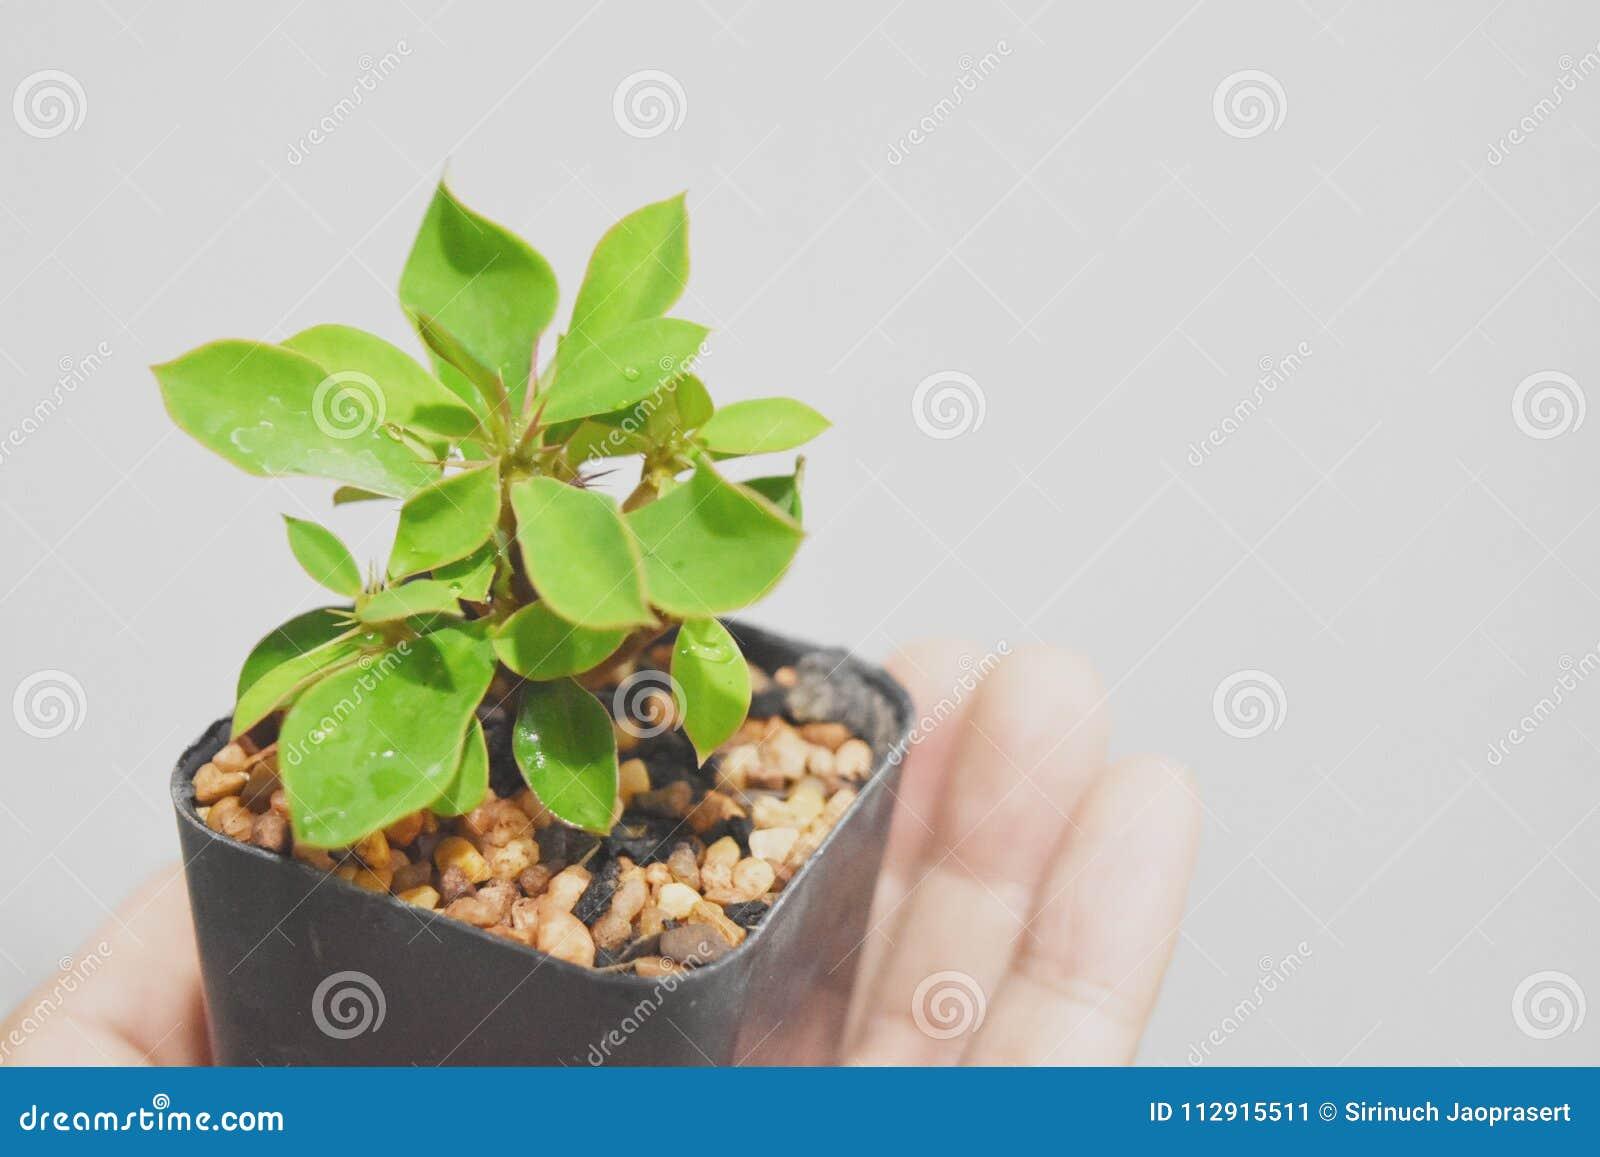 Een uiterst kleine die boom van Wolfsmelkmilii mild op een hand op een zachte witte achtergrond wordt gehouden